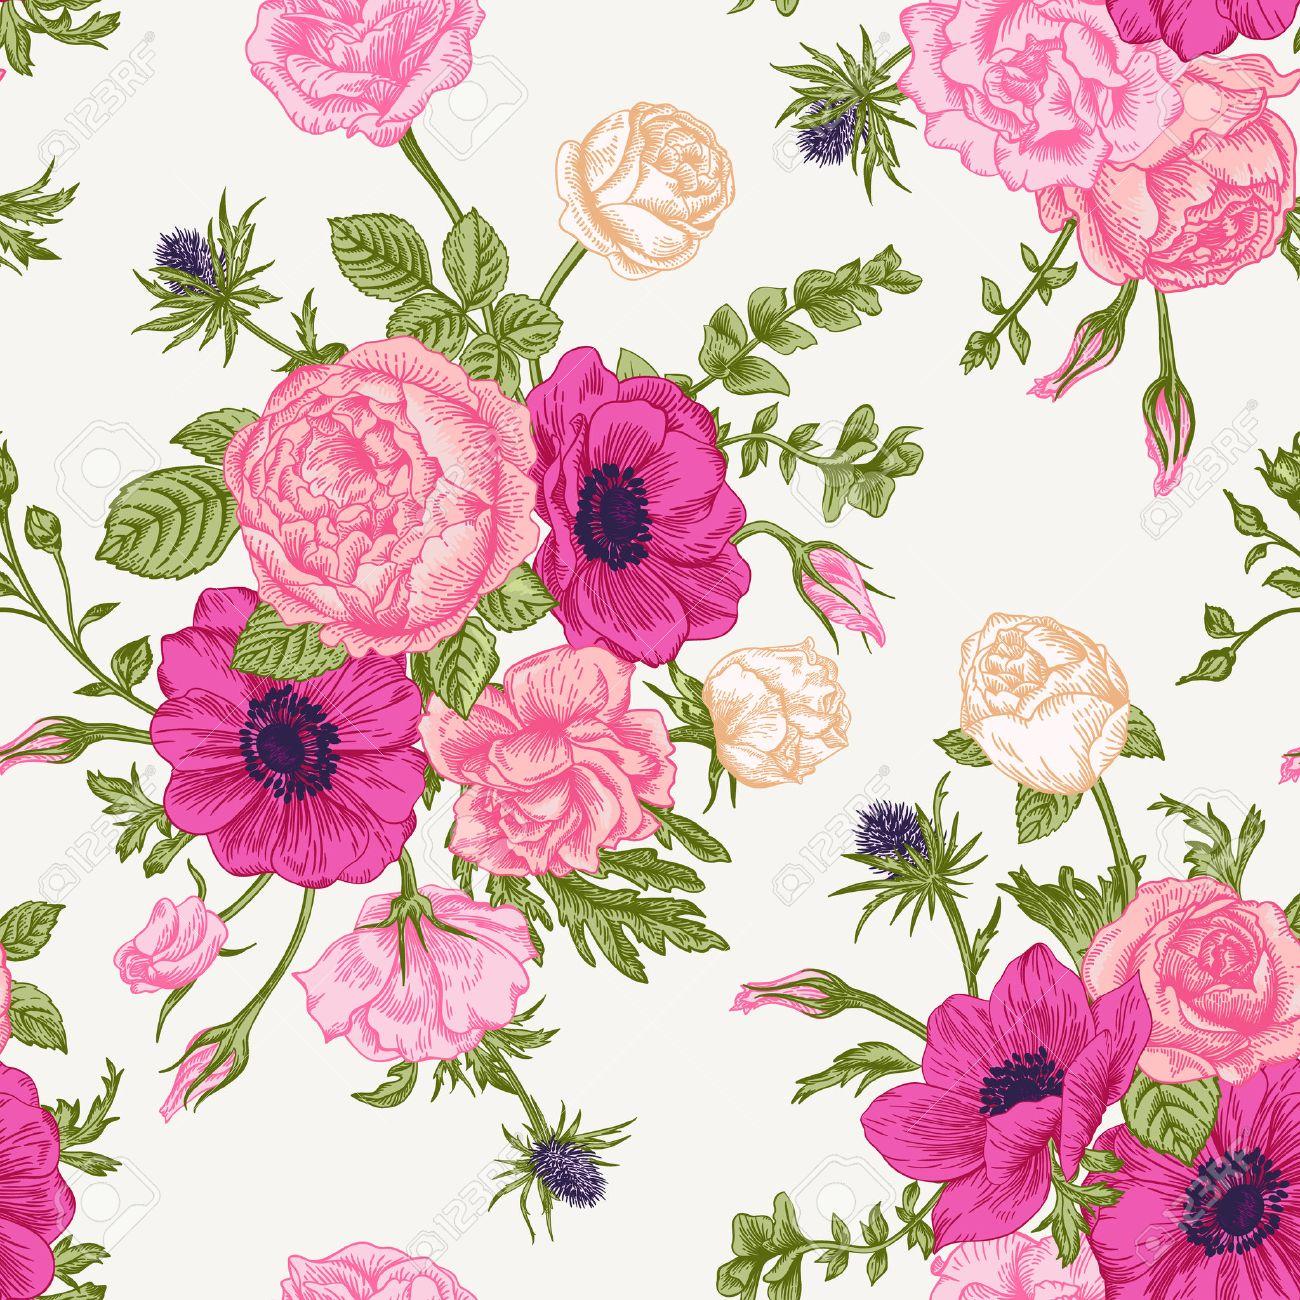 Patron Floral Transparente Con El Ramo De Flores De Colores Sobre Un